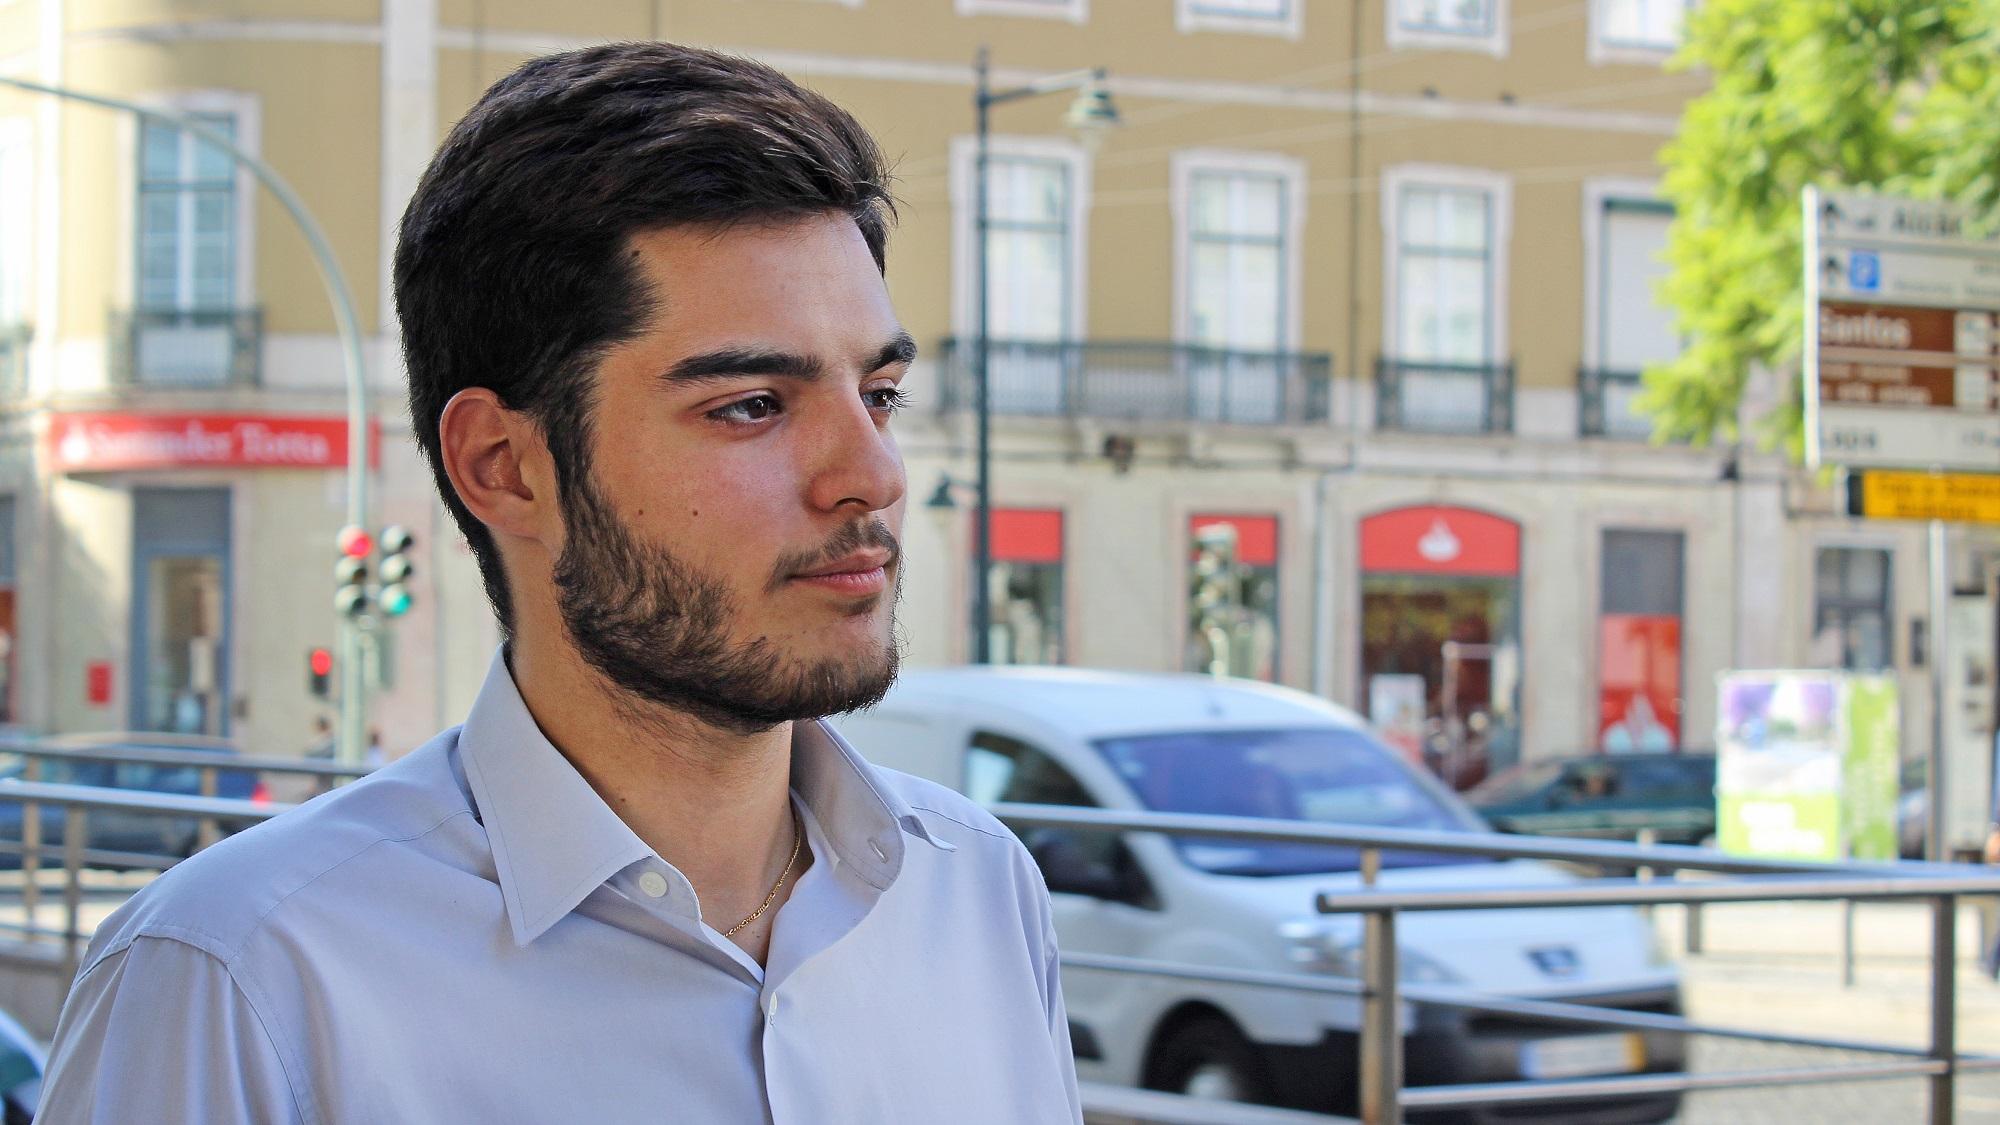 Há motoristas da Uber a transportarem pessoas sem a aplicação, denuncia João Ferraz